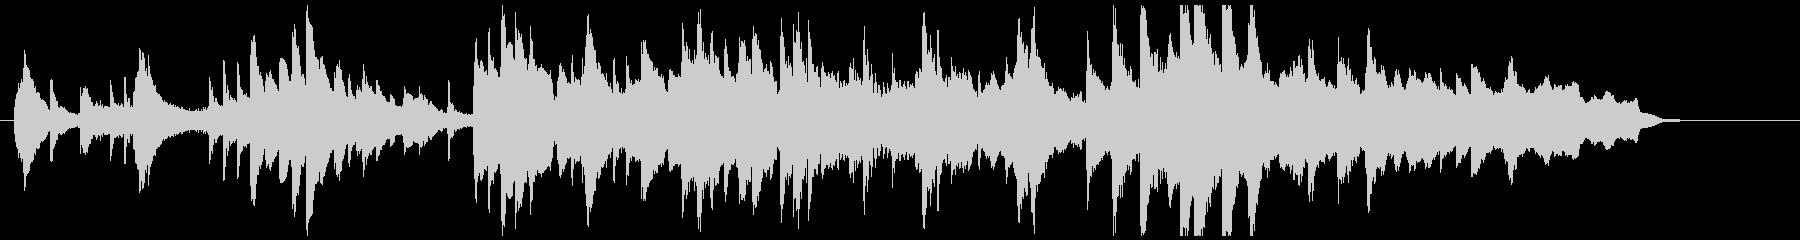 ピアノ、弦楽器、静かな挿入曲♪50秒の未再生の波形